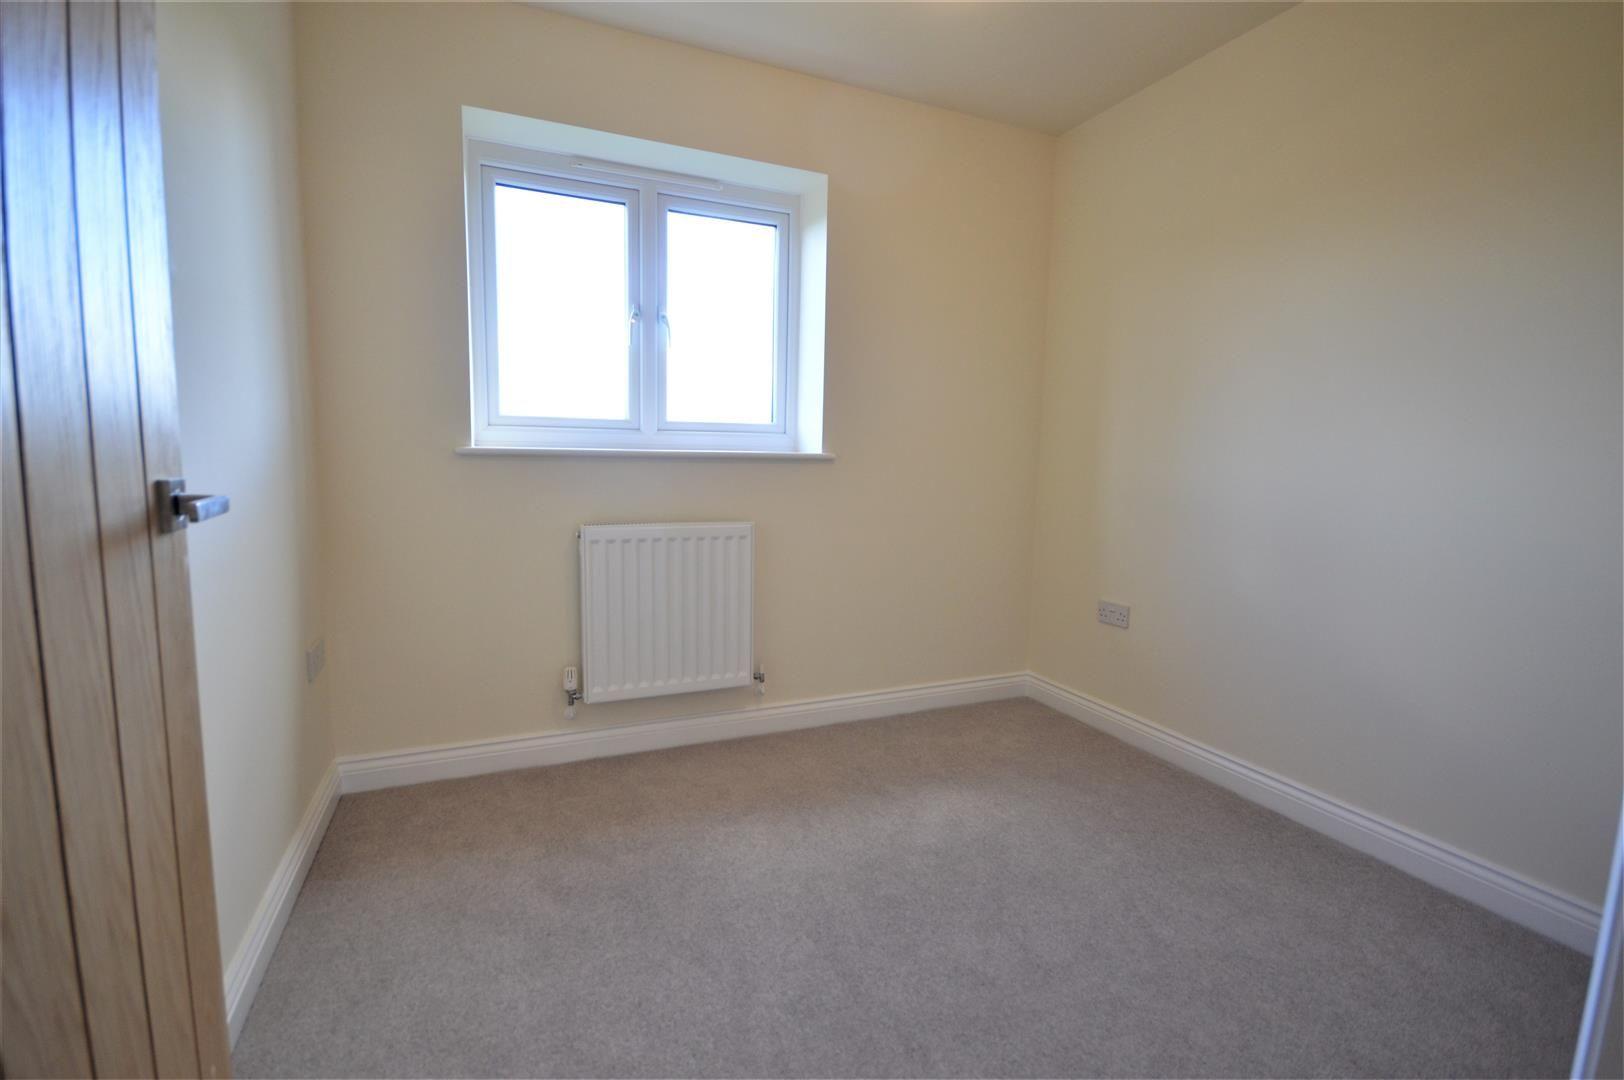 4 bed detached for sale in Kingsland  - Property Image 13